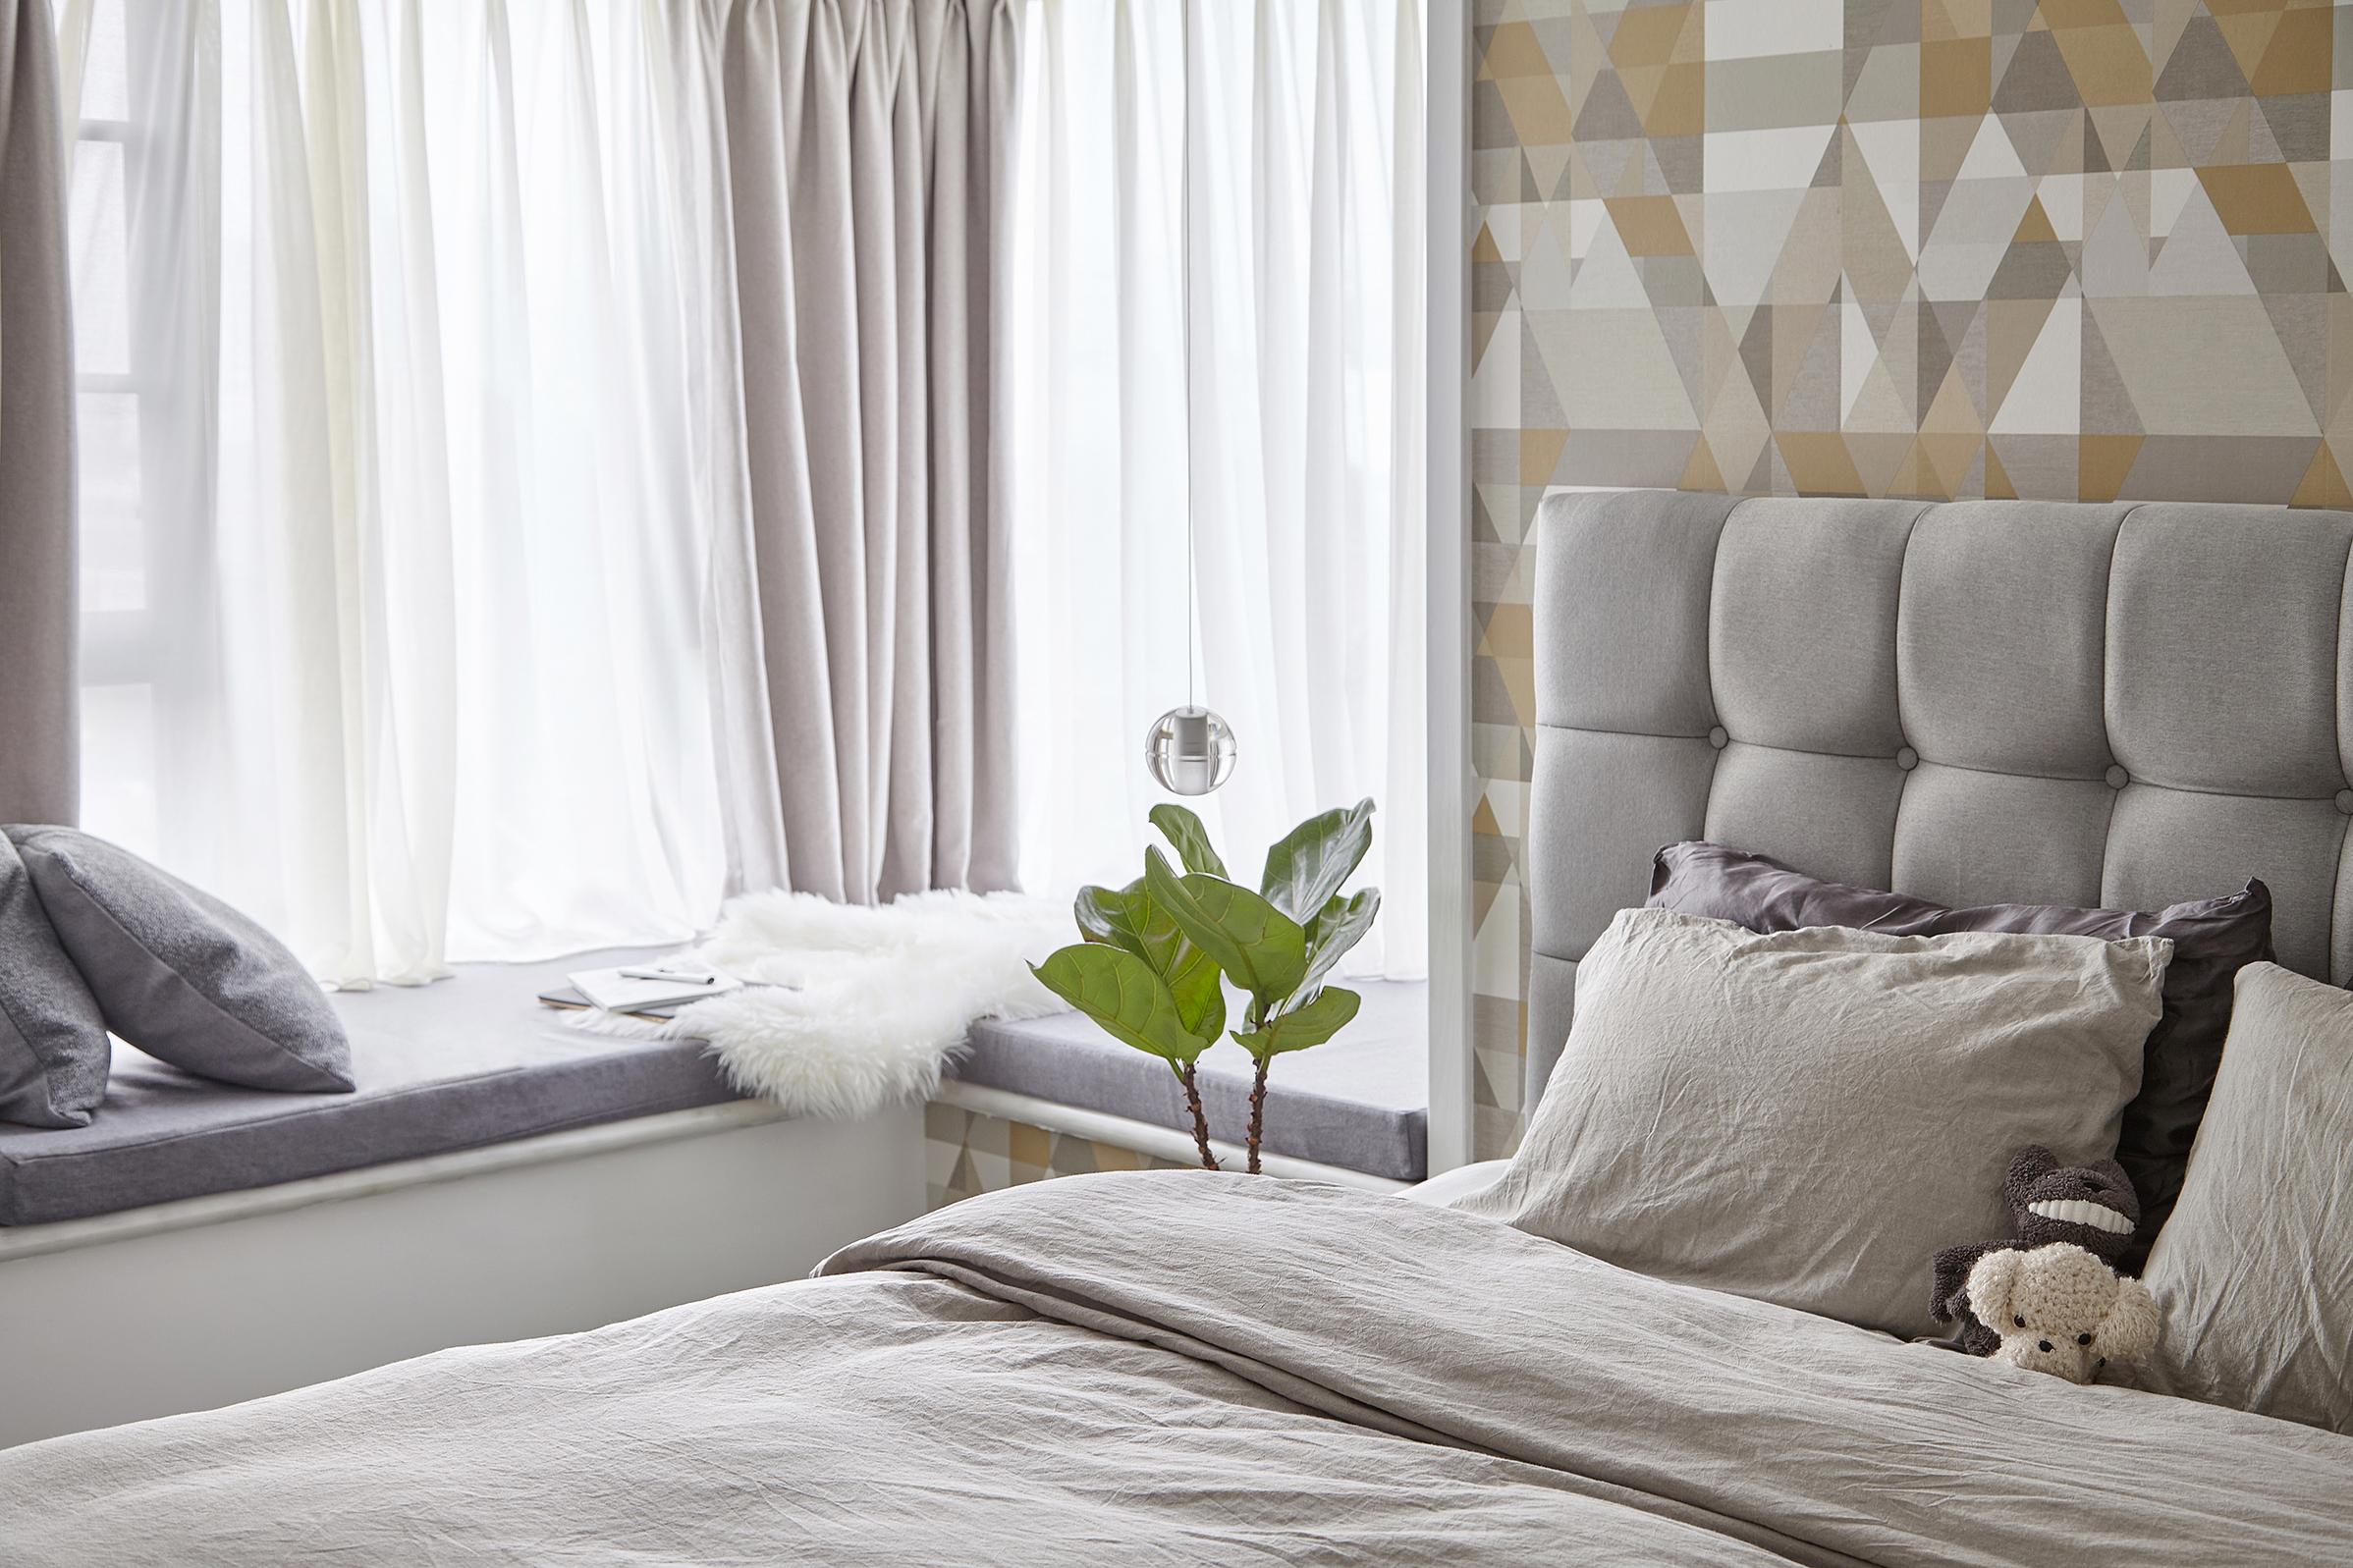 INS风 现代 年轻派 卧室图片来自尚舍设计在90后の小窝的分享